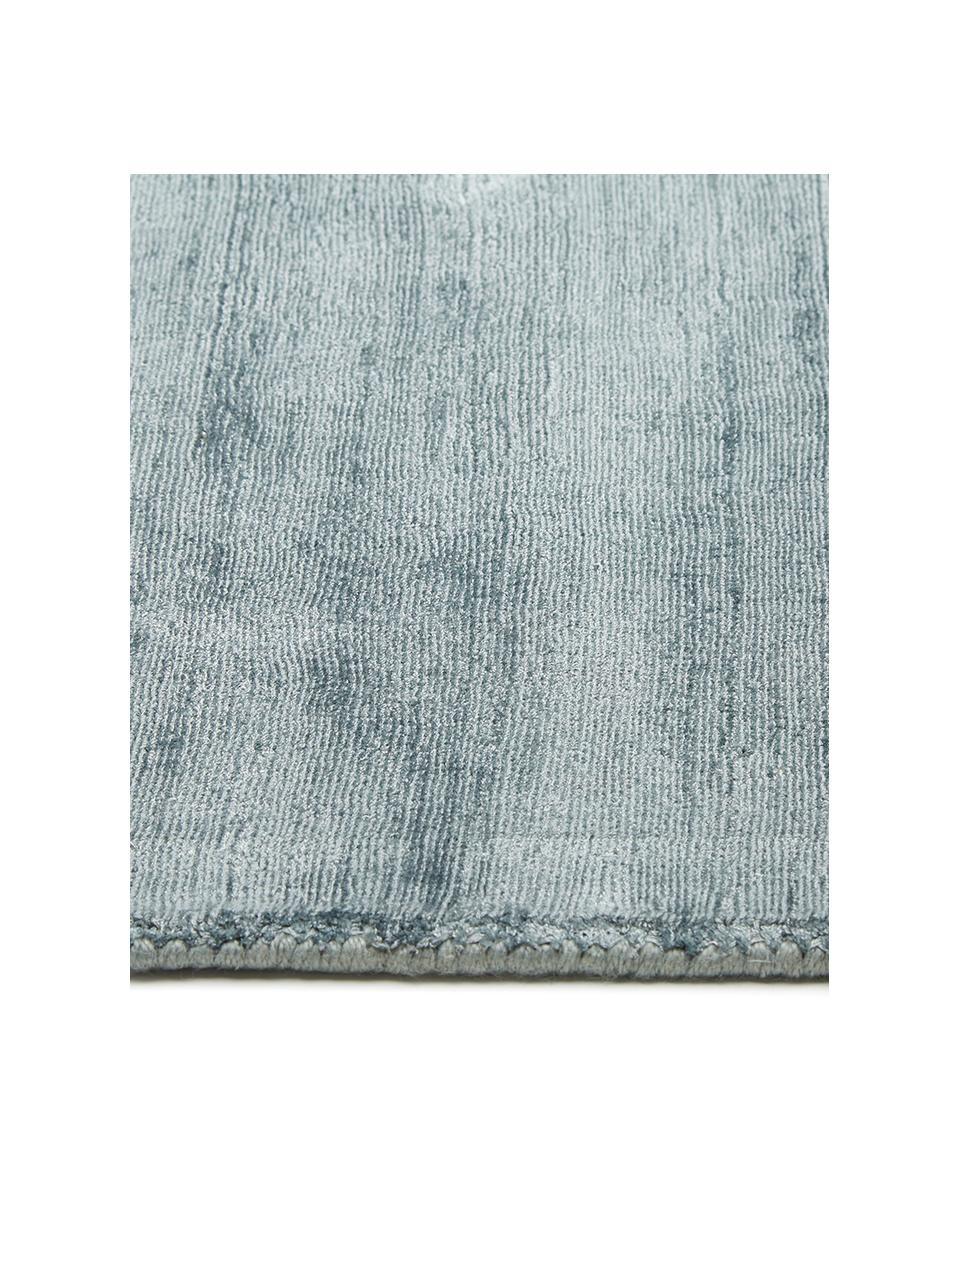 Tappeto in viscosa blu ghiaccio tessuto a mano Jane, Retro: 100% cotone, Blu ghiaccio, Larg. 200 x Lung. 300 cm (taglia L)